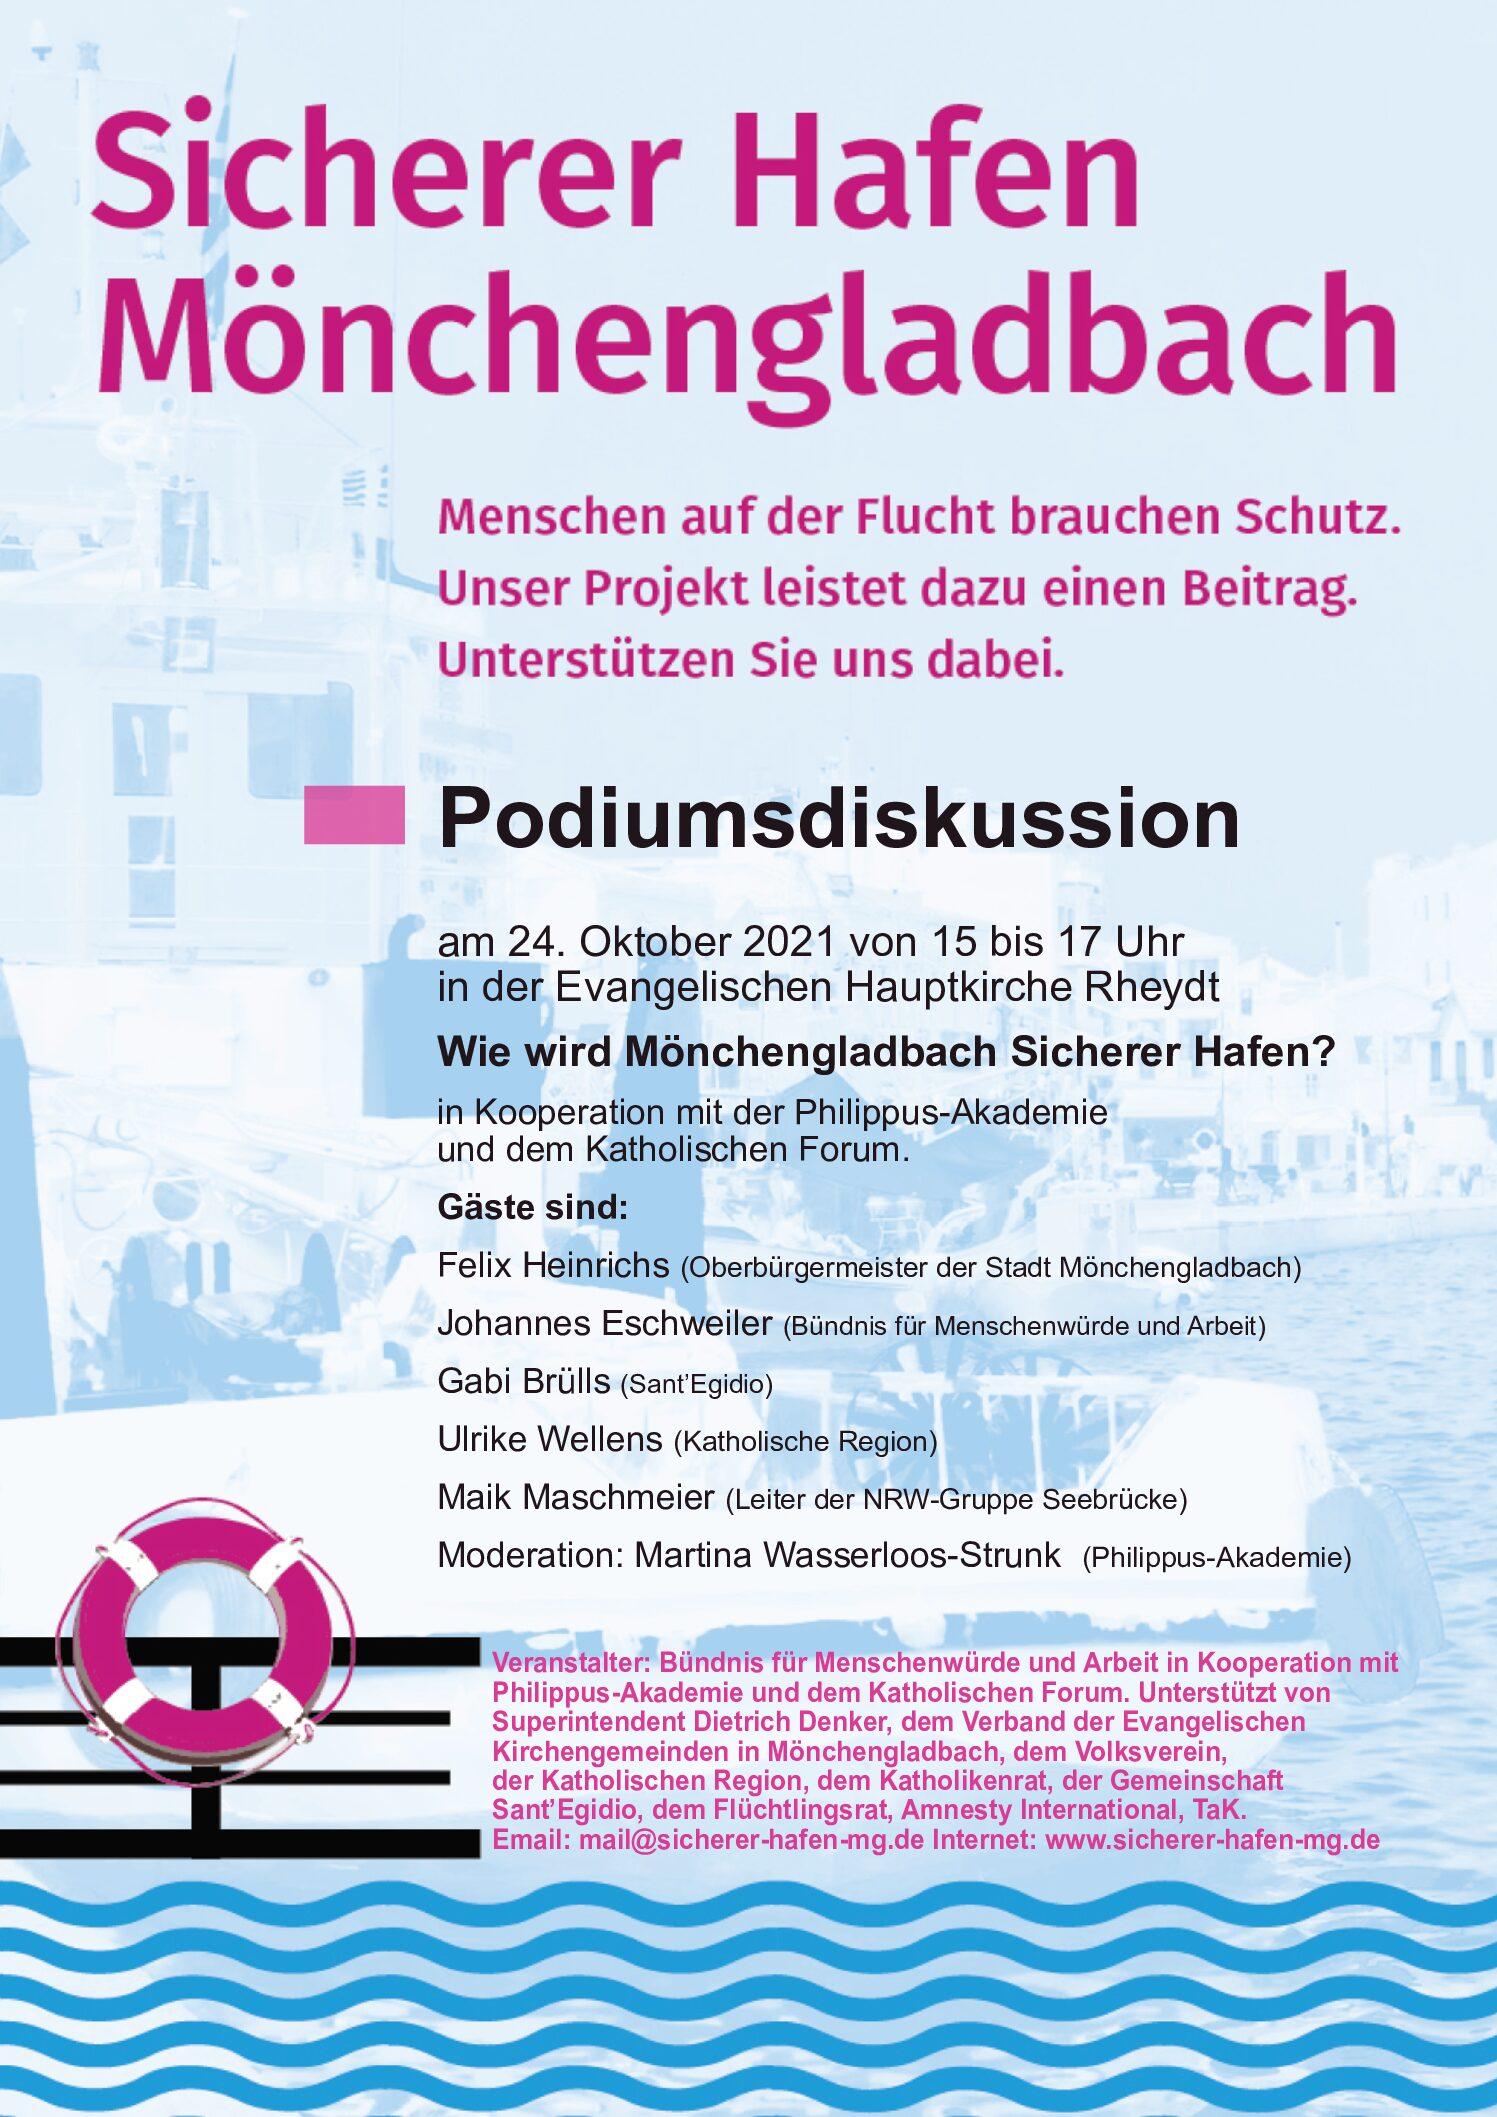 Wie wird Mönchengladbach zum Sicheren Hafen?